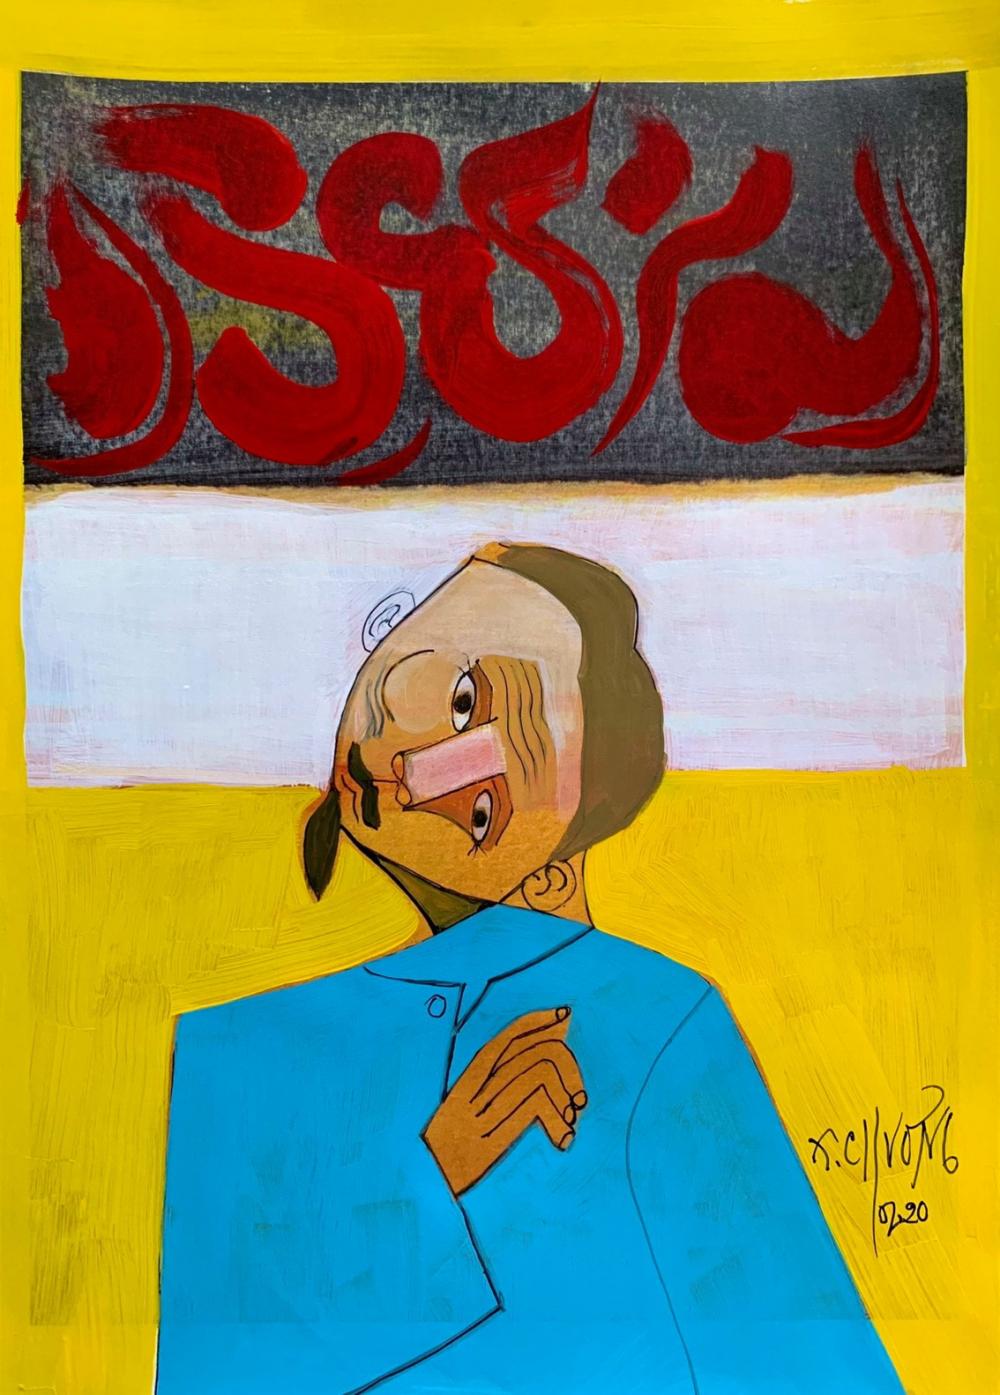 Các tác phẩm của họa sĩ Thành Chương, minh họa trong cuốn sách Người kép già của nhà văn Kim Lân được bán đấu giá hàng trăm triệu đồng